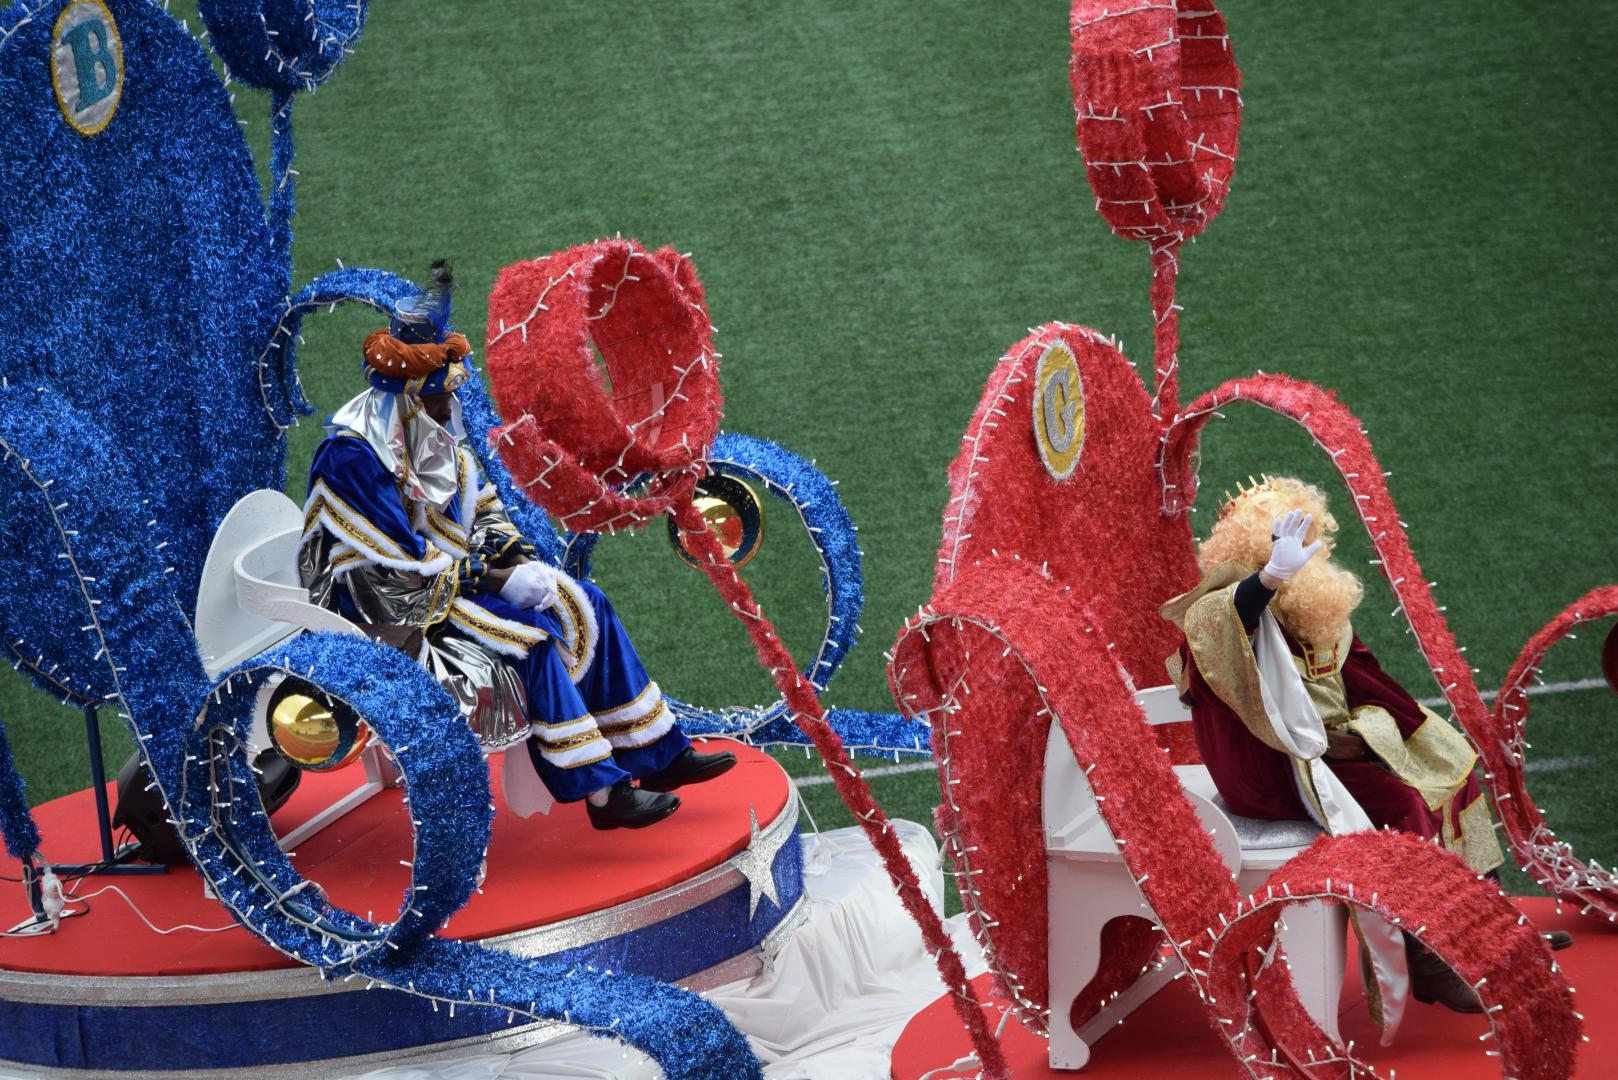 FOTOS: La magia de los Reyes Magos llega a Haro 35